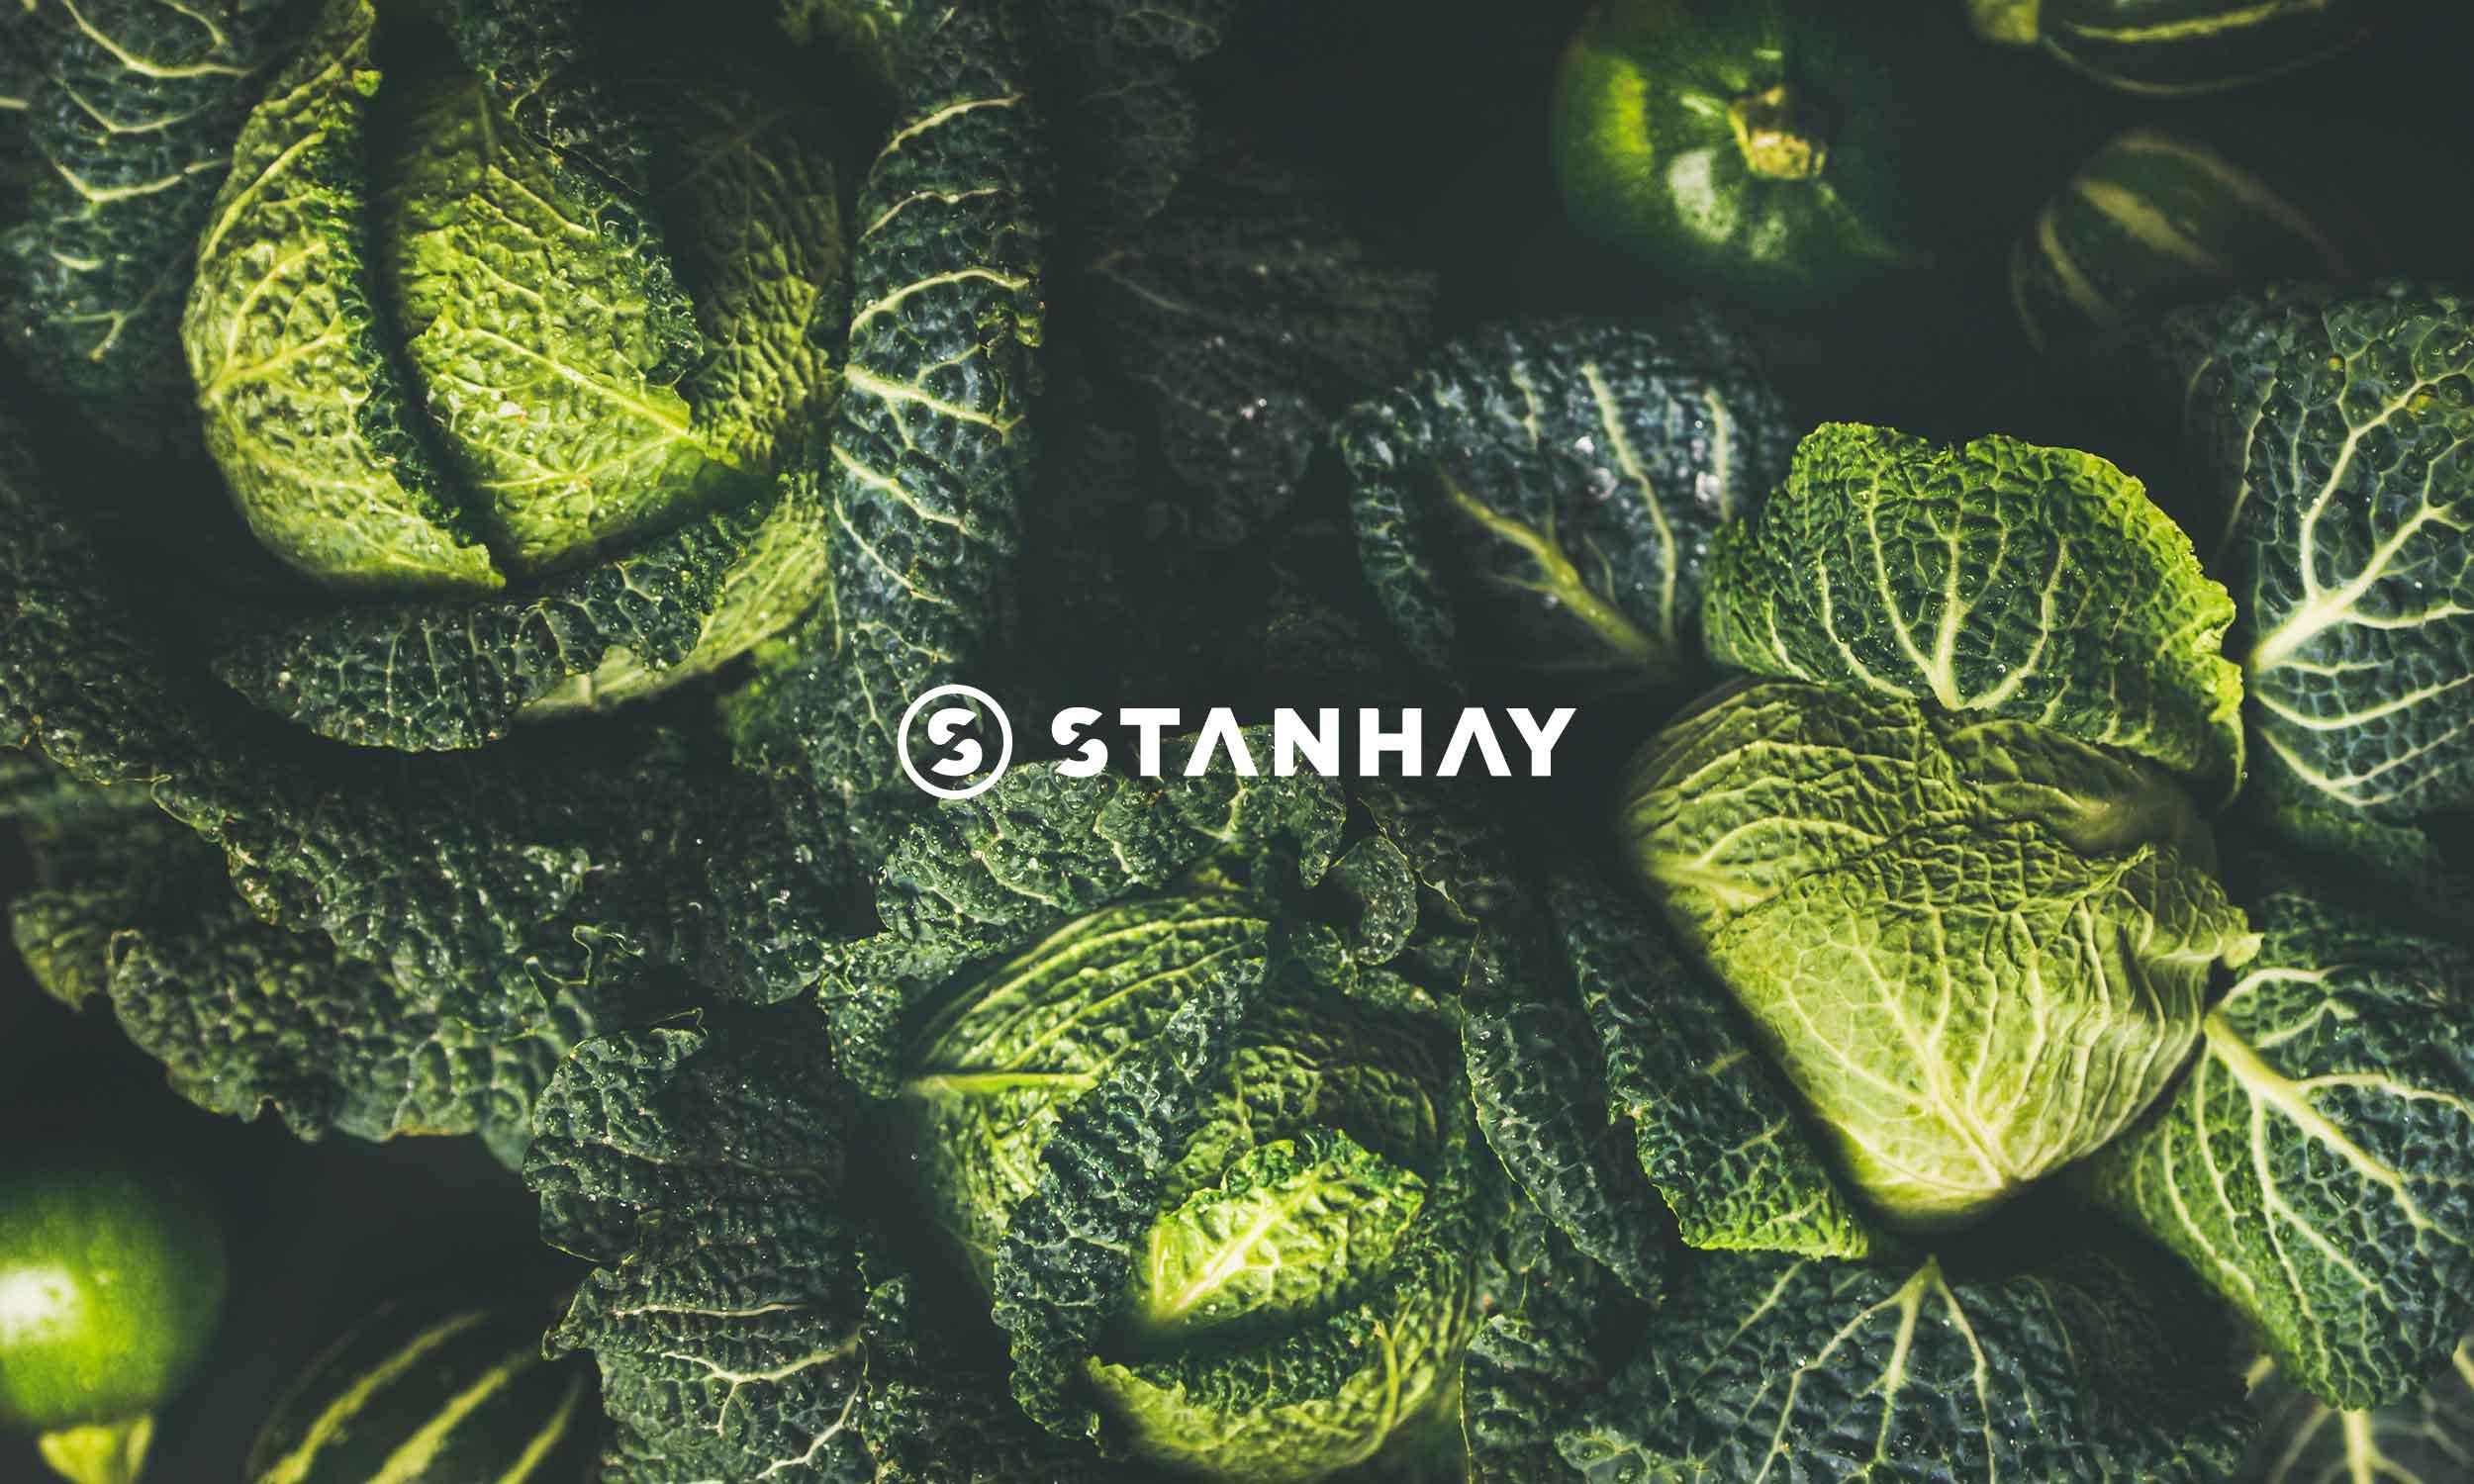 Stanhay-Brand-Identity.jpg